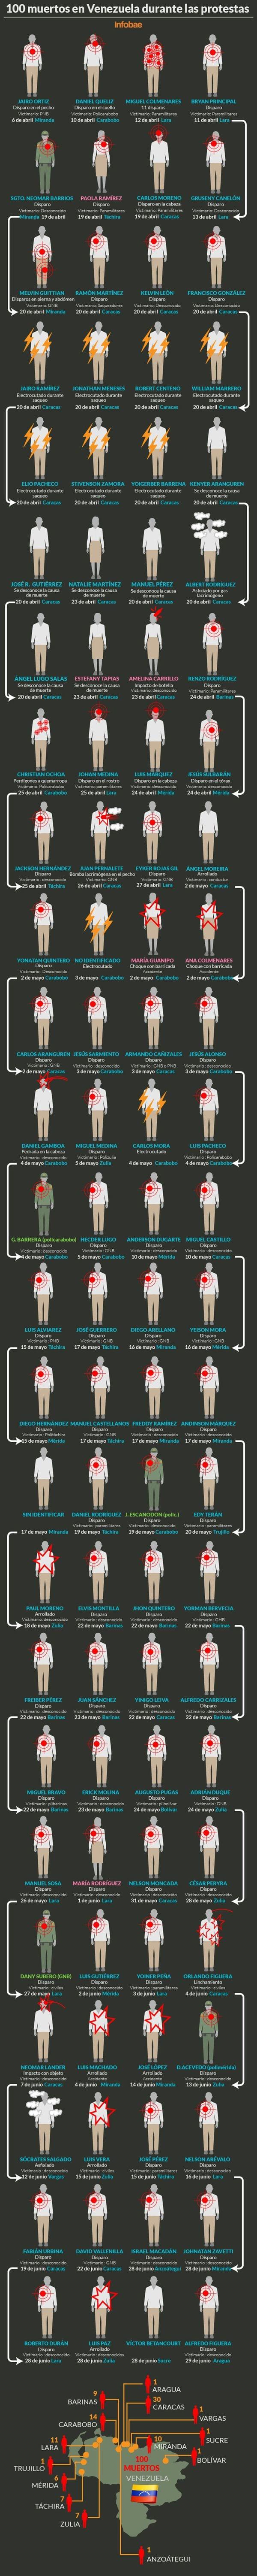 Infografia-muertos-en-venezuela-SF